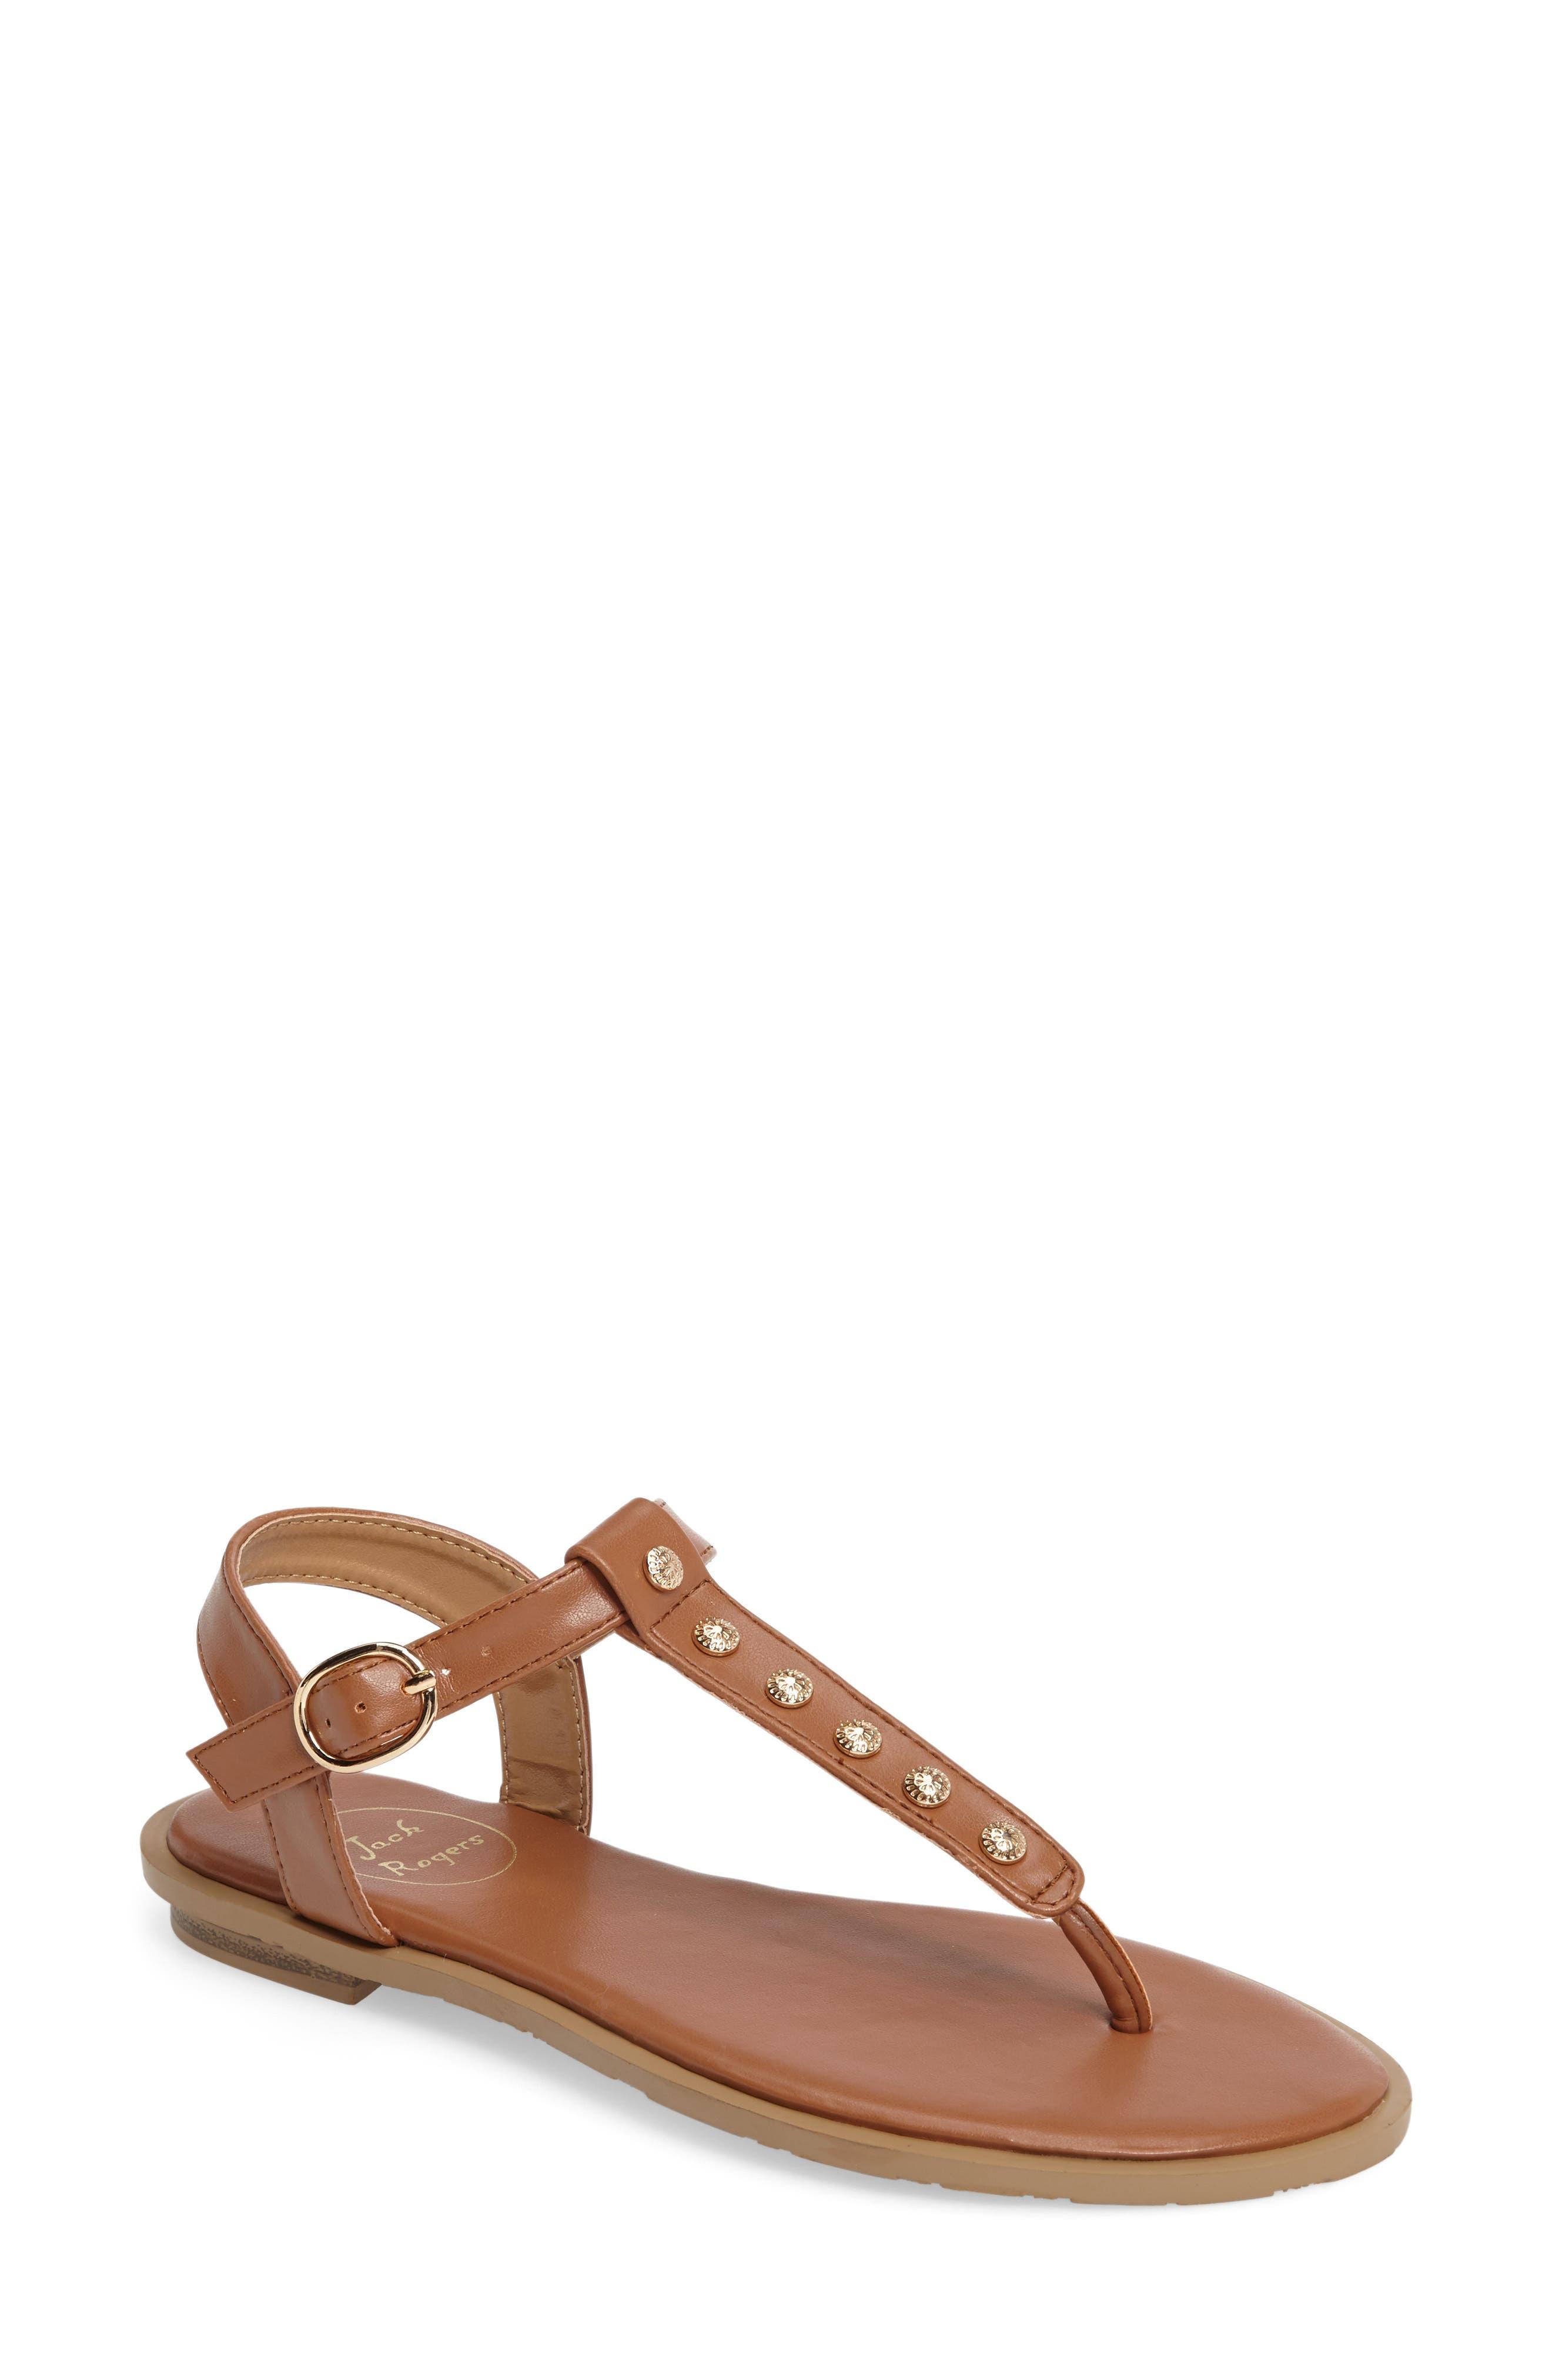 Main Image - Jack Rogers Kamri T-Strap Sandal (Women)